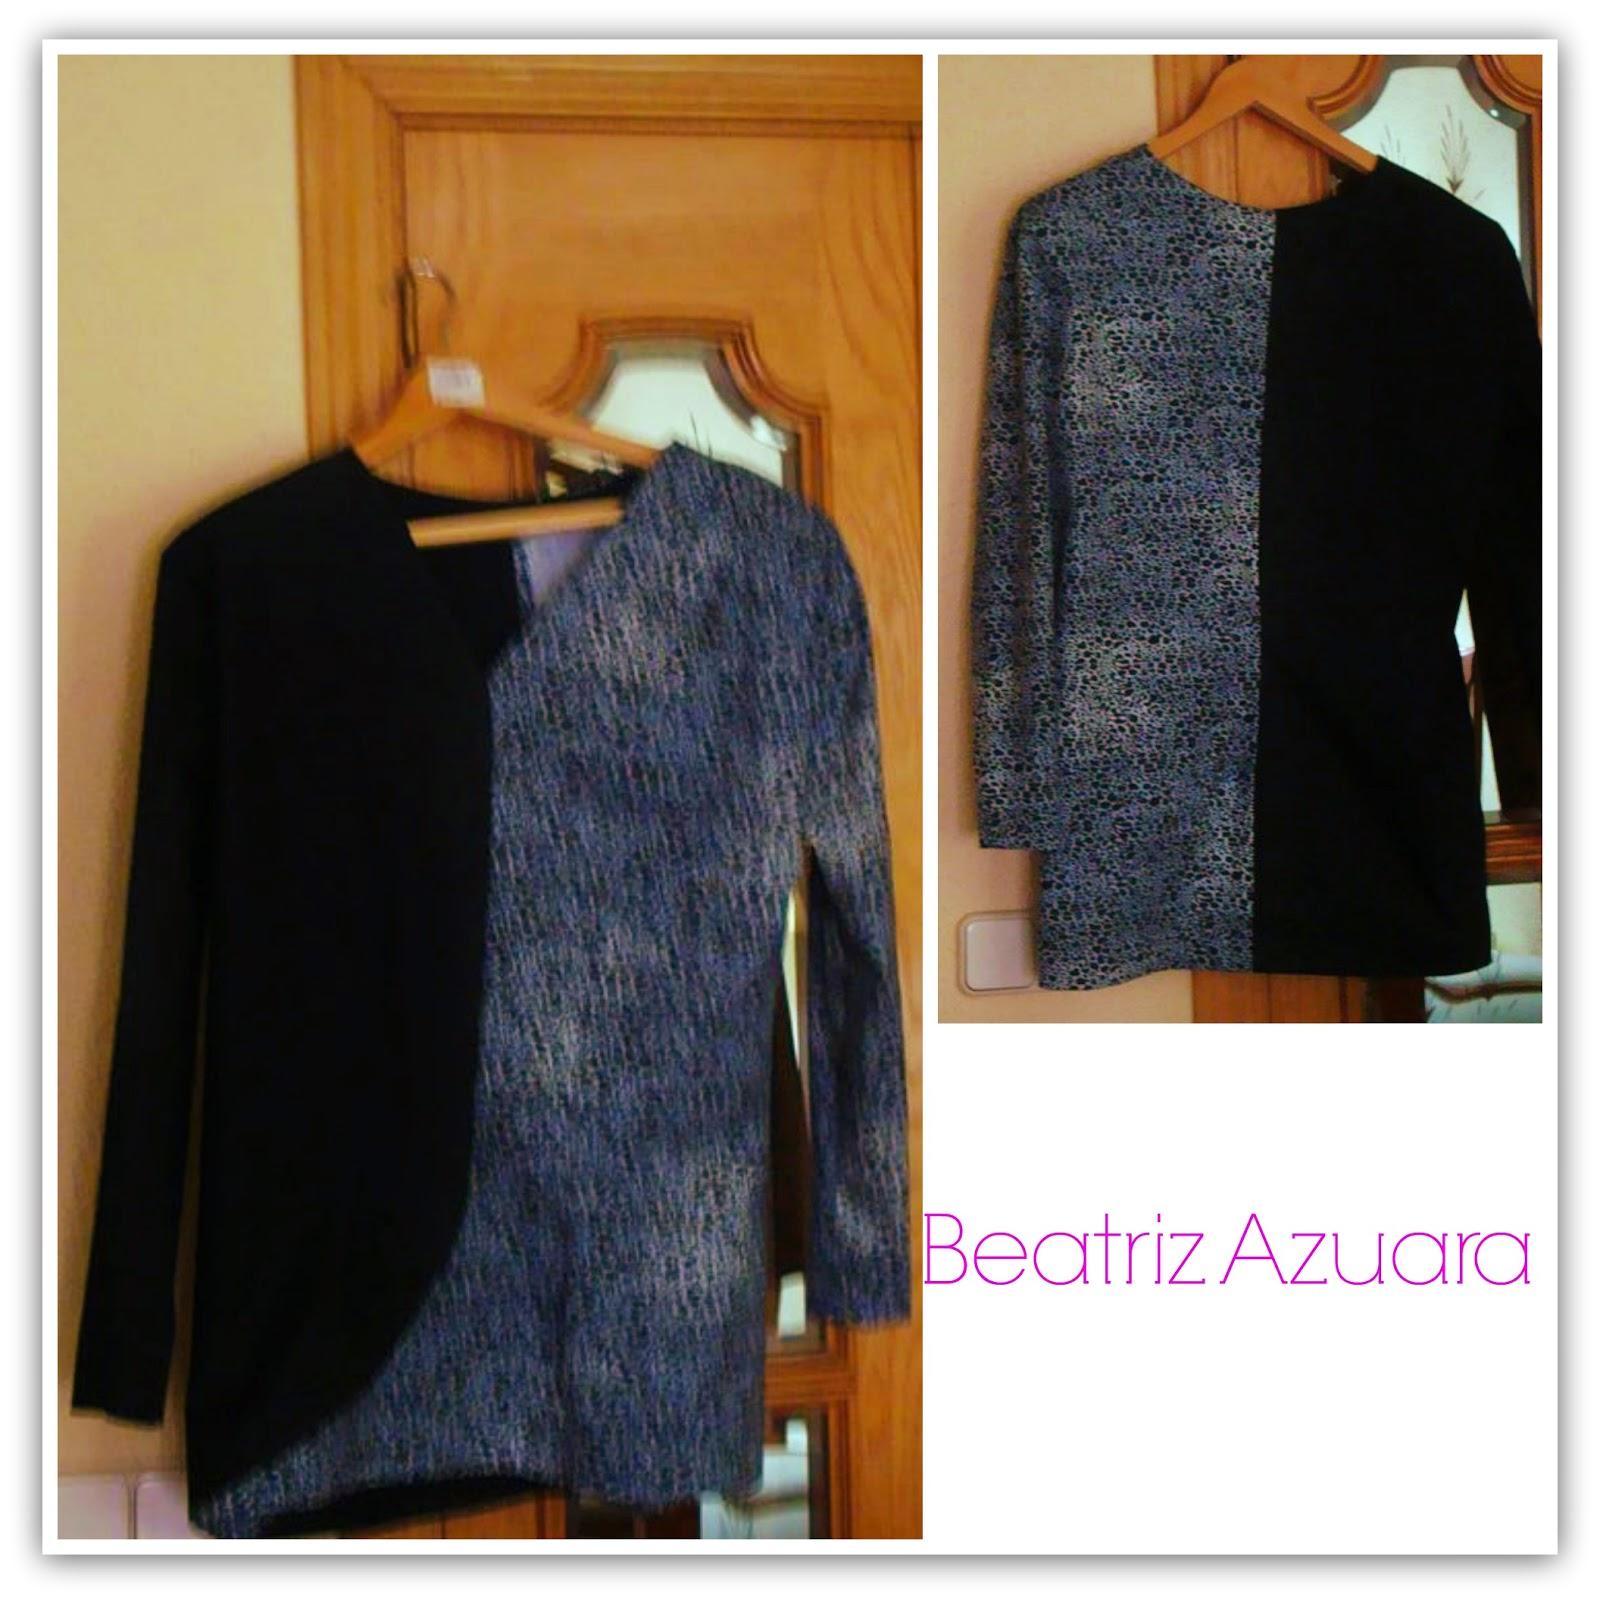 Beatriz Azuara